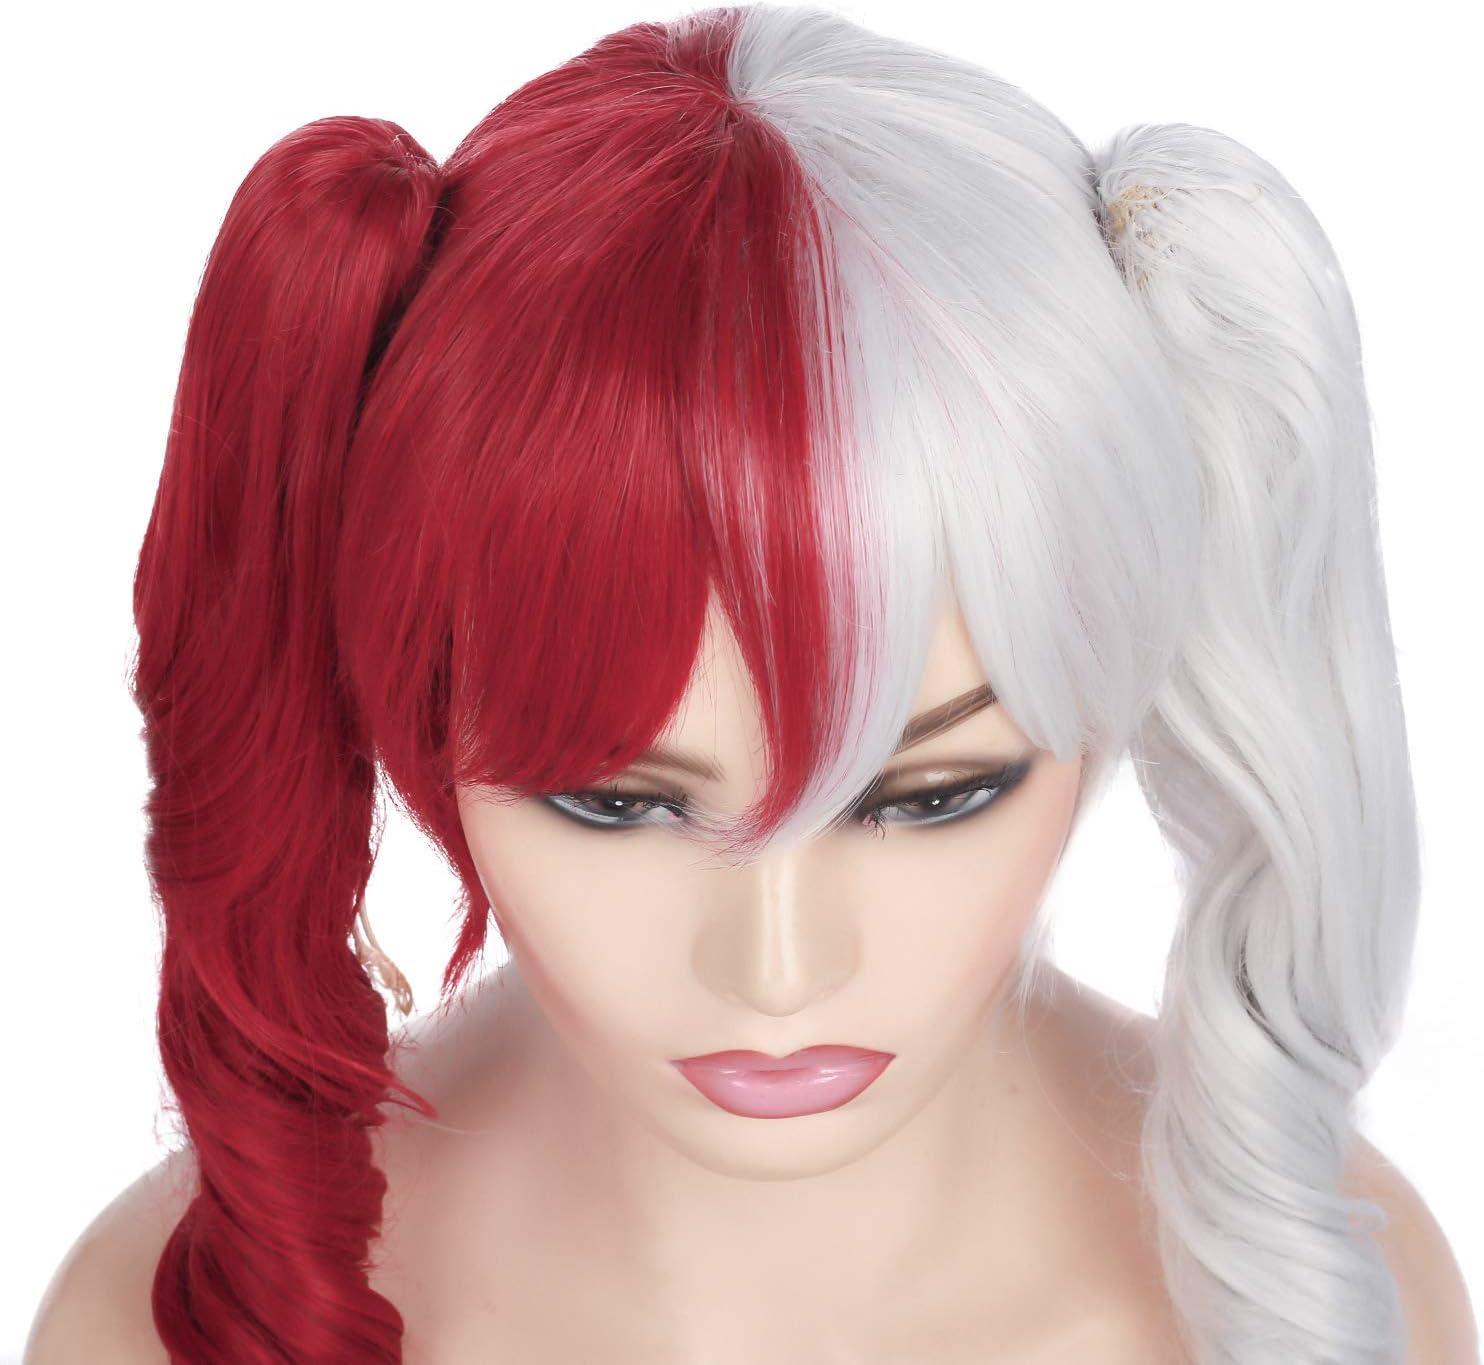 Perruque Cosplay Anime moiti/é Rouge moiti/é Blanc Perruque 2 Queue de Cheval Longue Frange Fris/ée Perruque de Cheveux Synth/étiques Femme Perruque Halloween Party